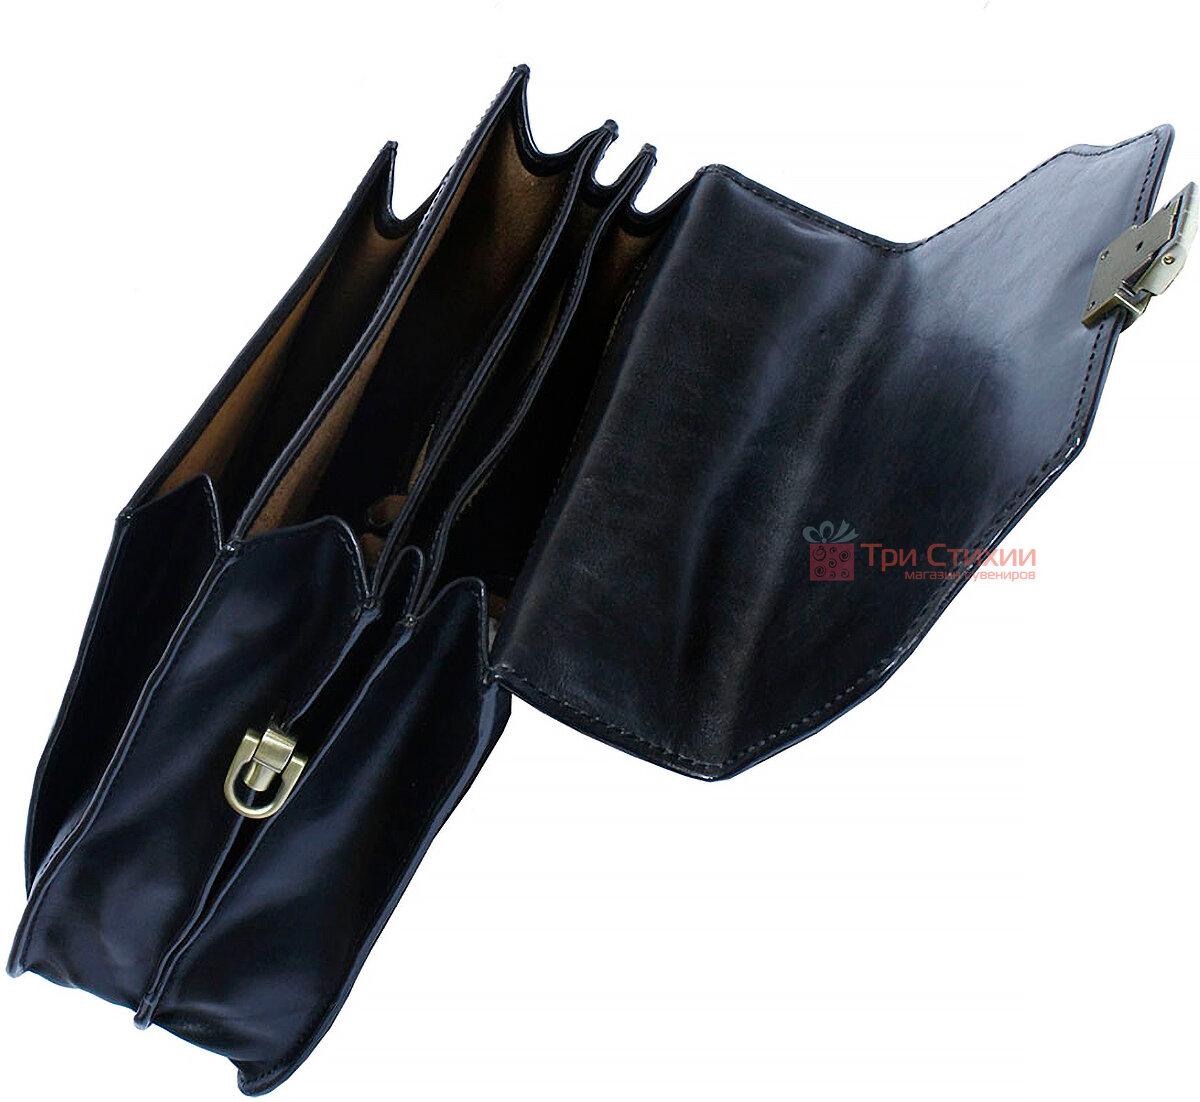 Сумка-планшет Tony Perotti Italico 8265-it Чорна, фото 4